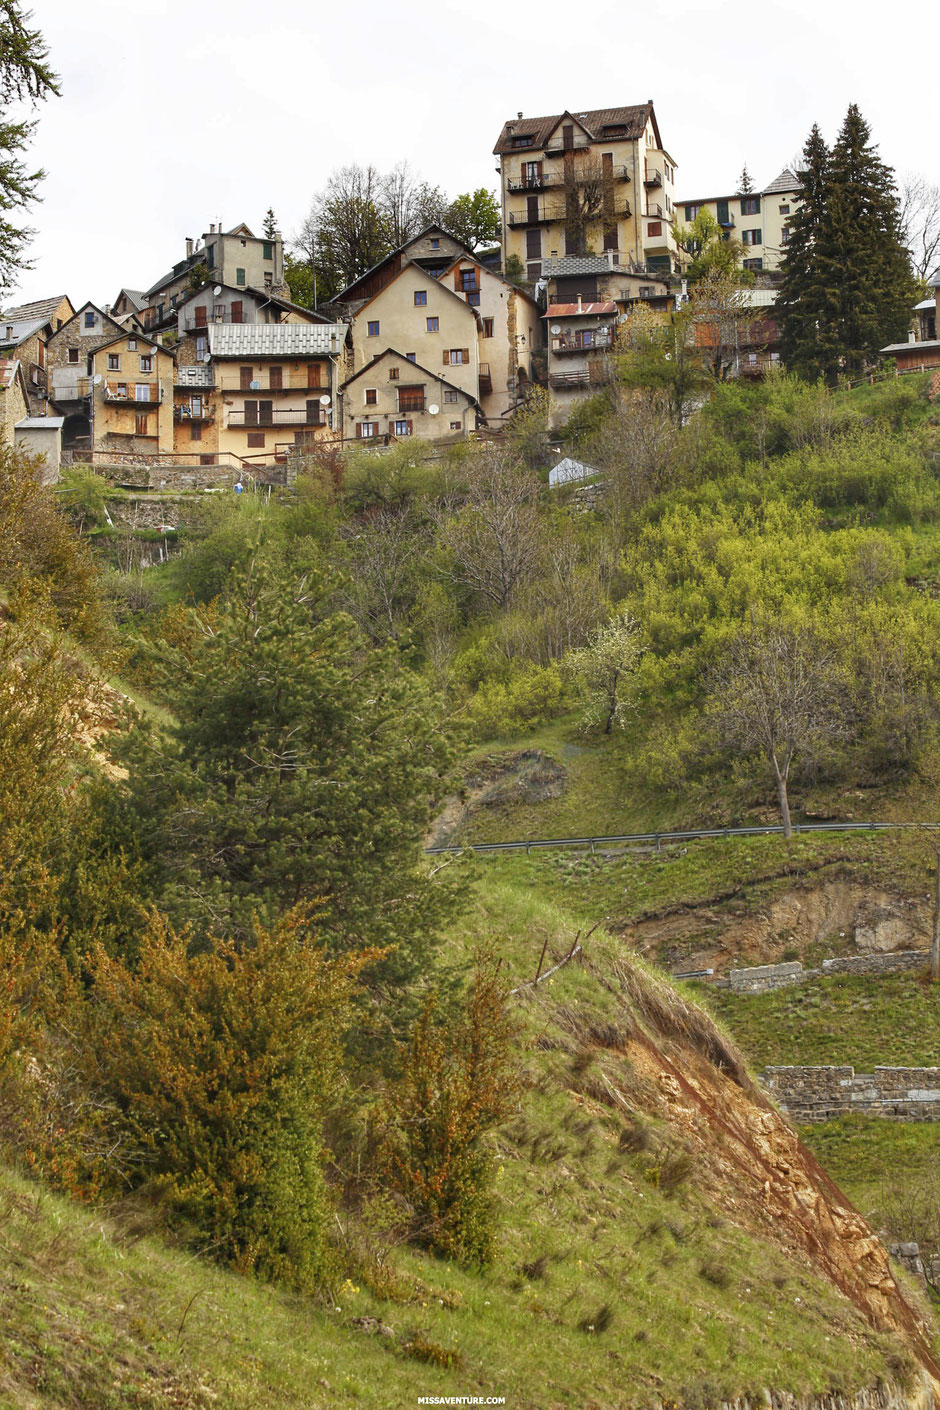 Road trip dans le colorado niçois, LES GORGES DE DALUIS  (FRANCE). www.missaventure.com blog d'aventures, nature et reflexions green.